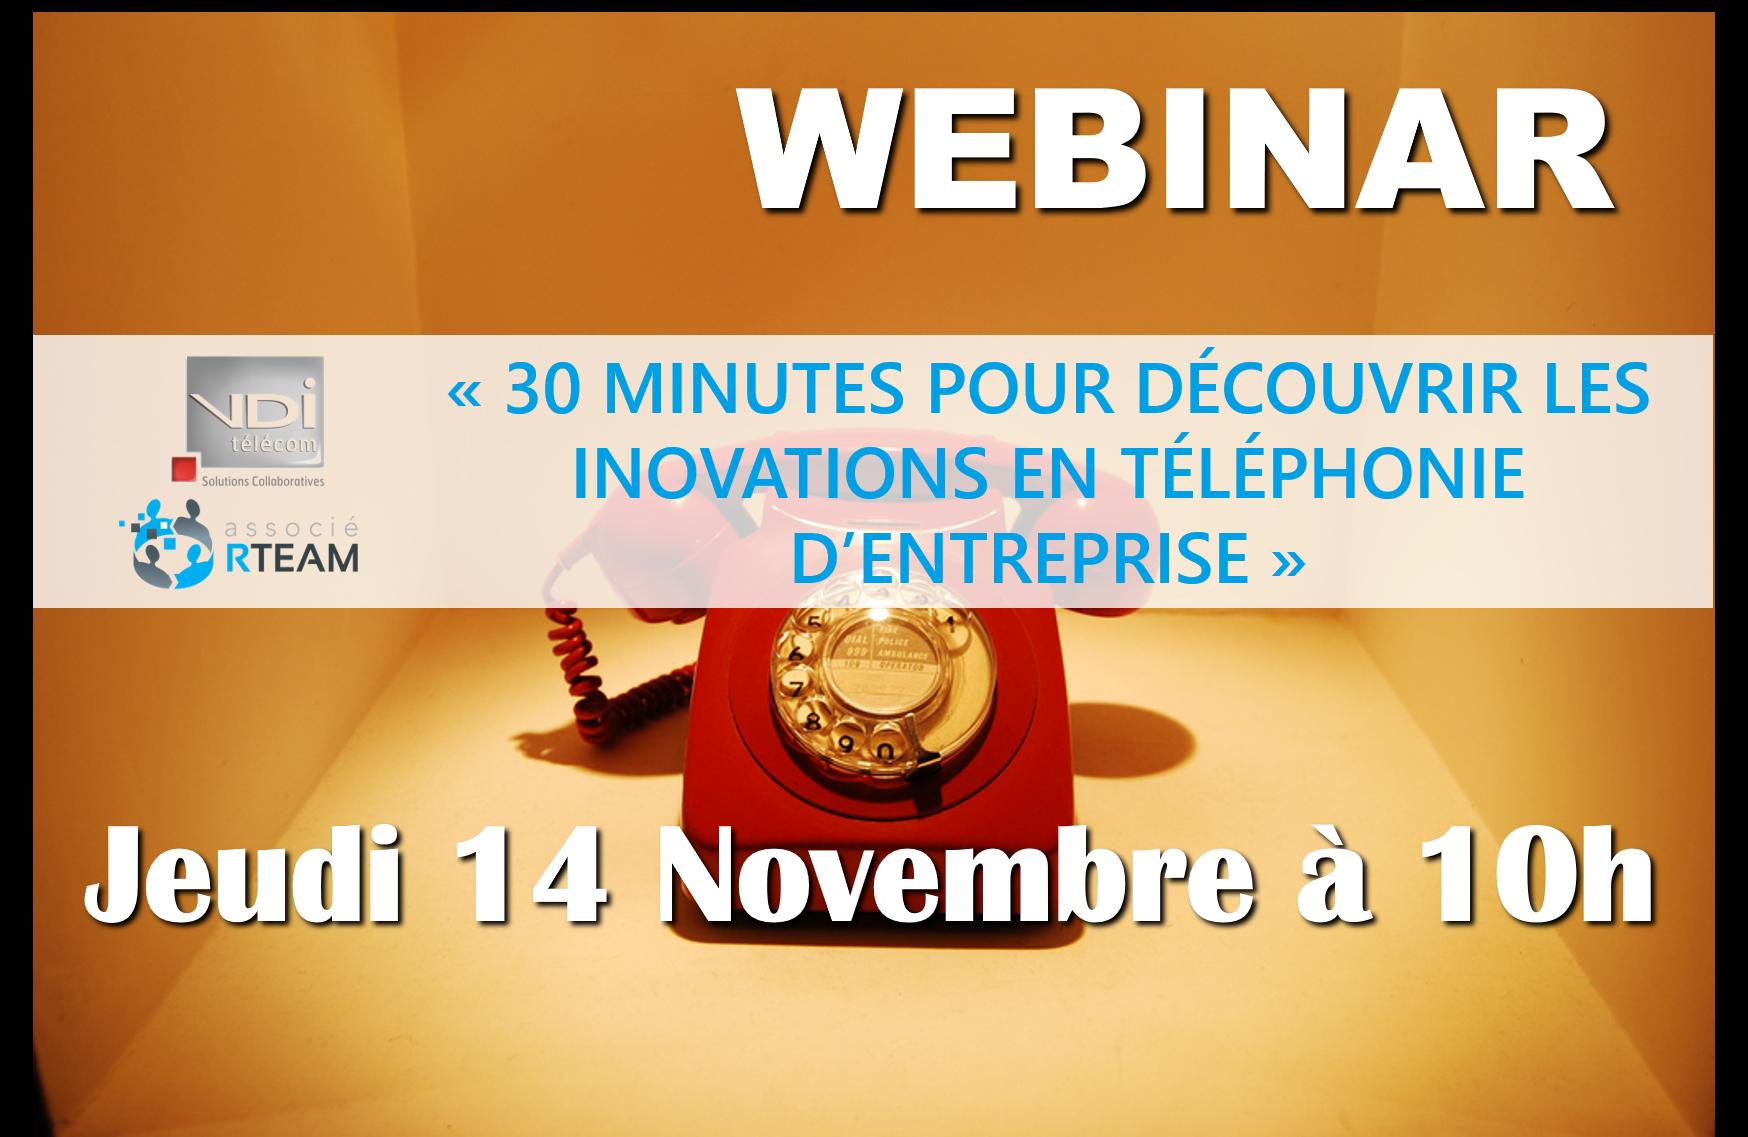 30 minutes pour découvrir les innovation en téléphonie d'entreprise